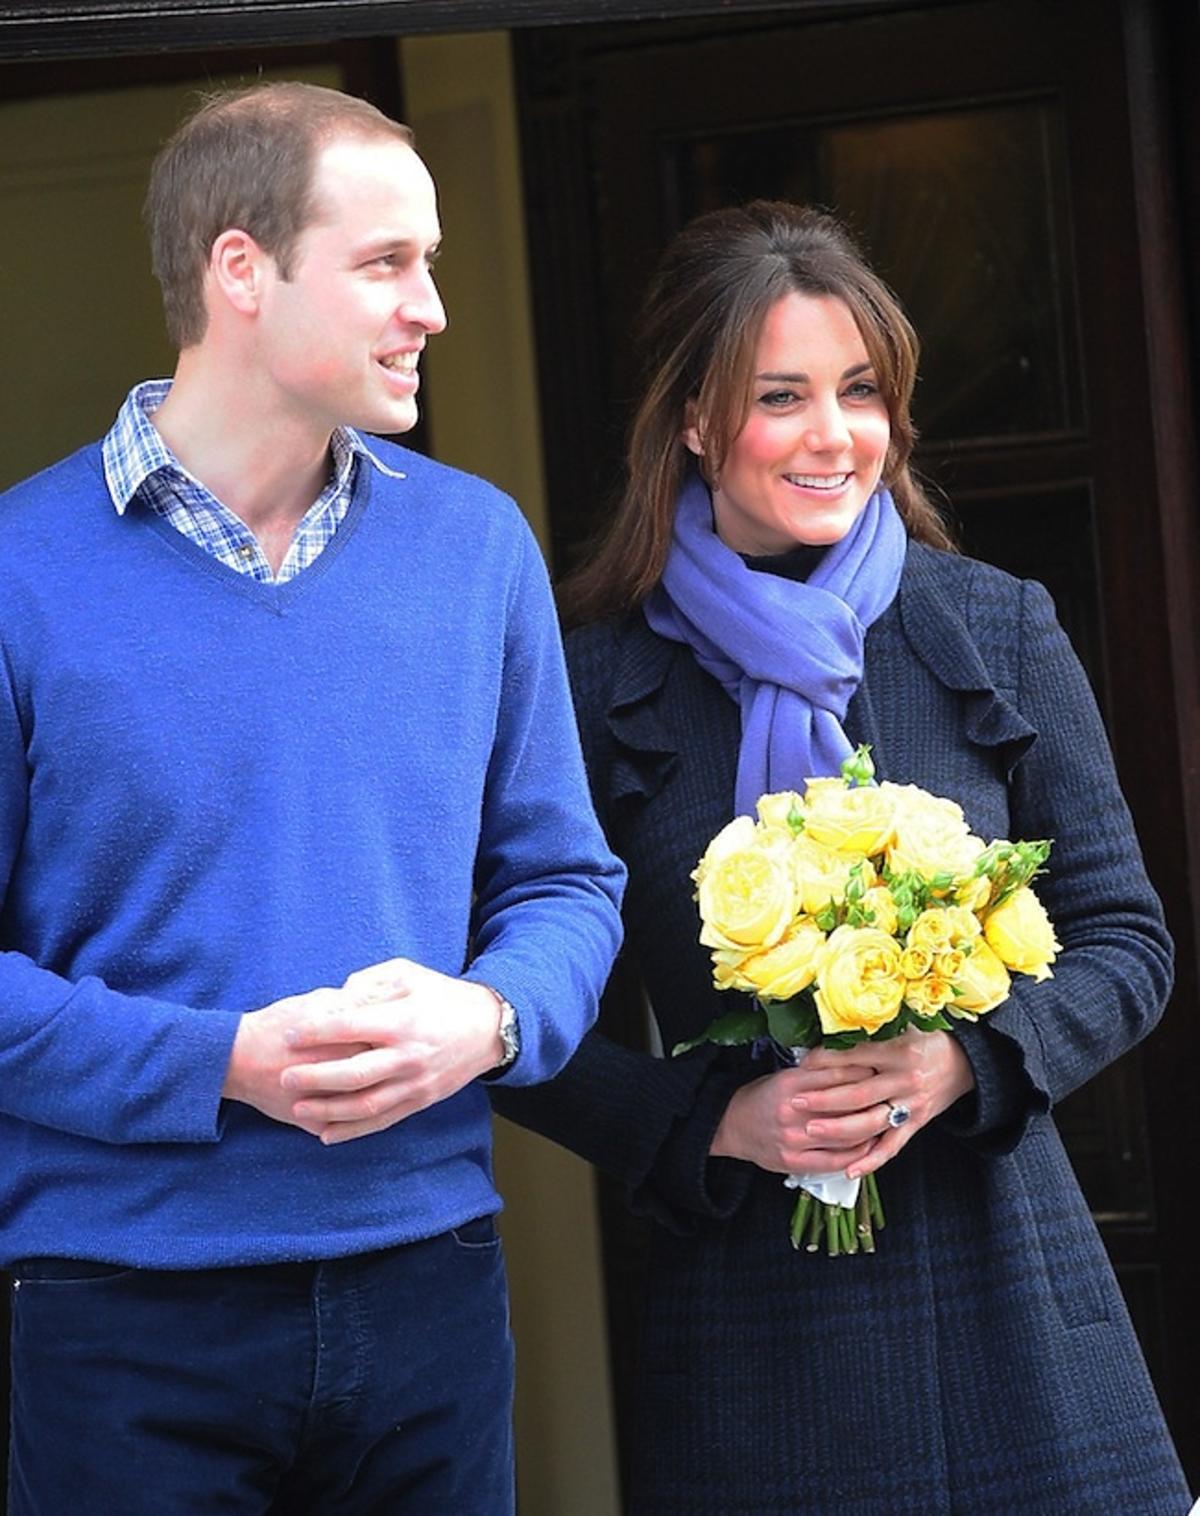 Księżna Kate w ciąży opuszcza szpital Króla Edwarda VII. Jej stan polepszył się. Ze szpitala odebrał ją książę William